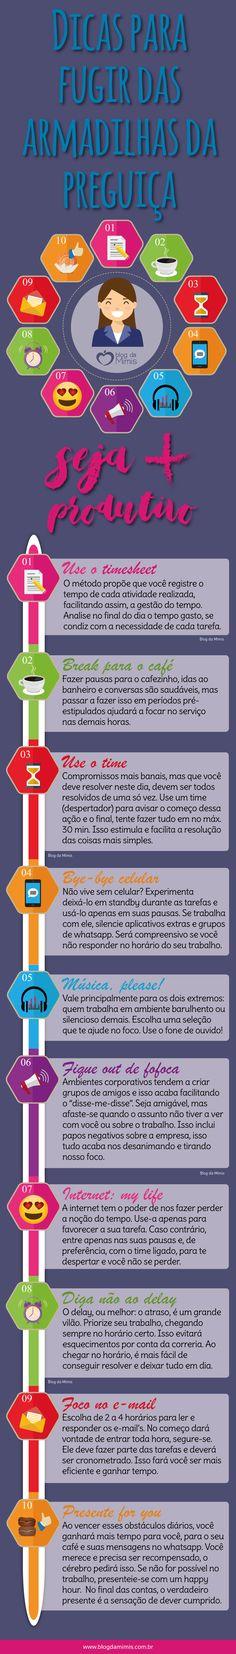 Seja produtivo: dicas para fugir das armadilhas da preguiça - Blog da Mimis #blogdamimis #produtivo #foco #preguiça #homeoffice #office #trabalho #concentração #time